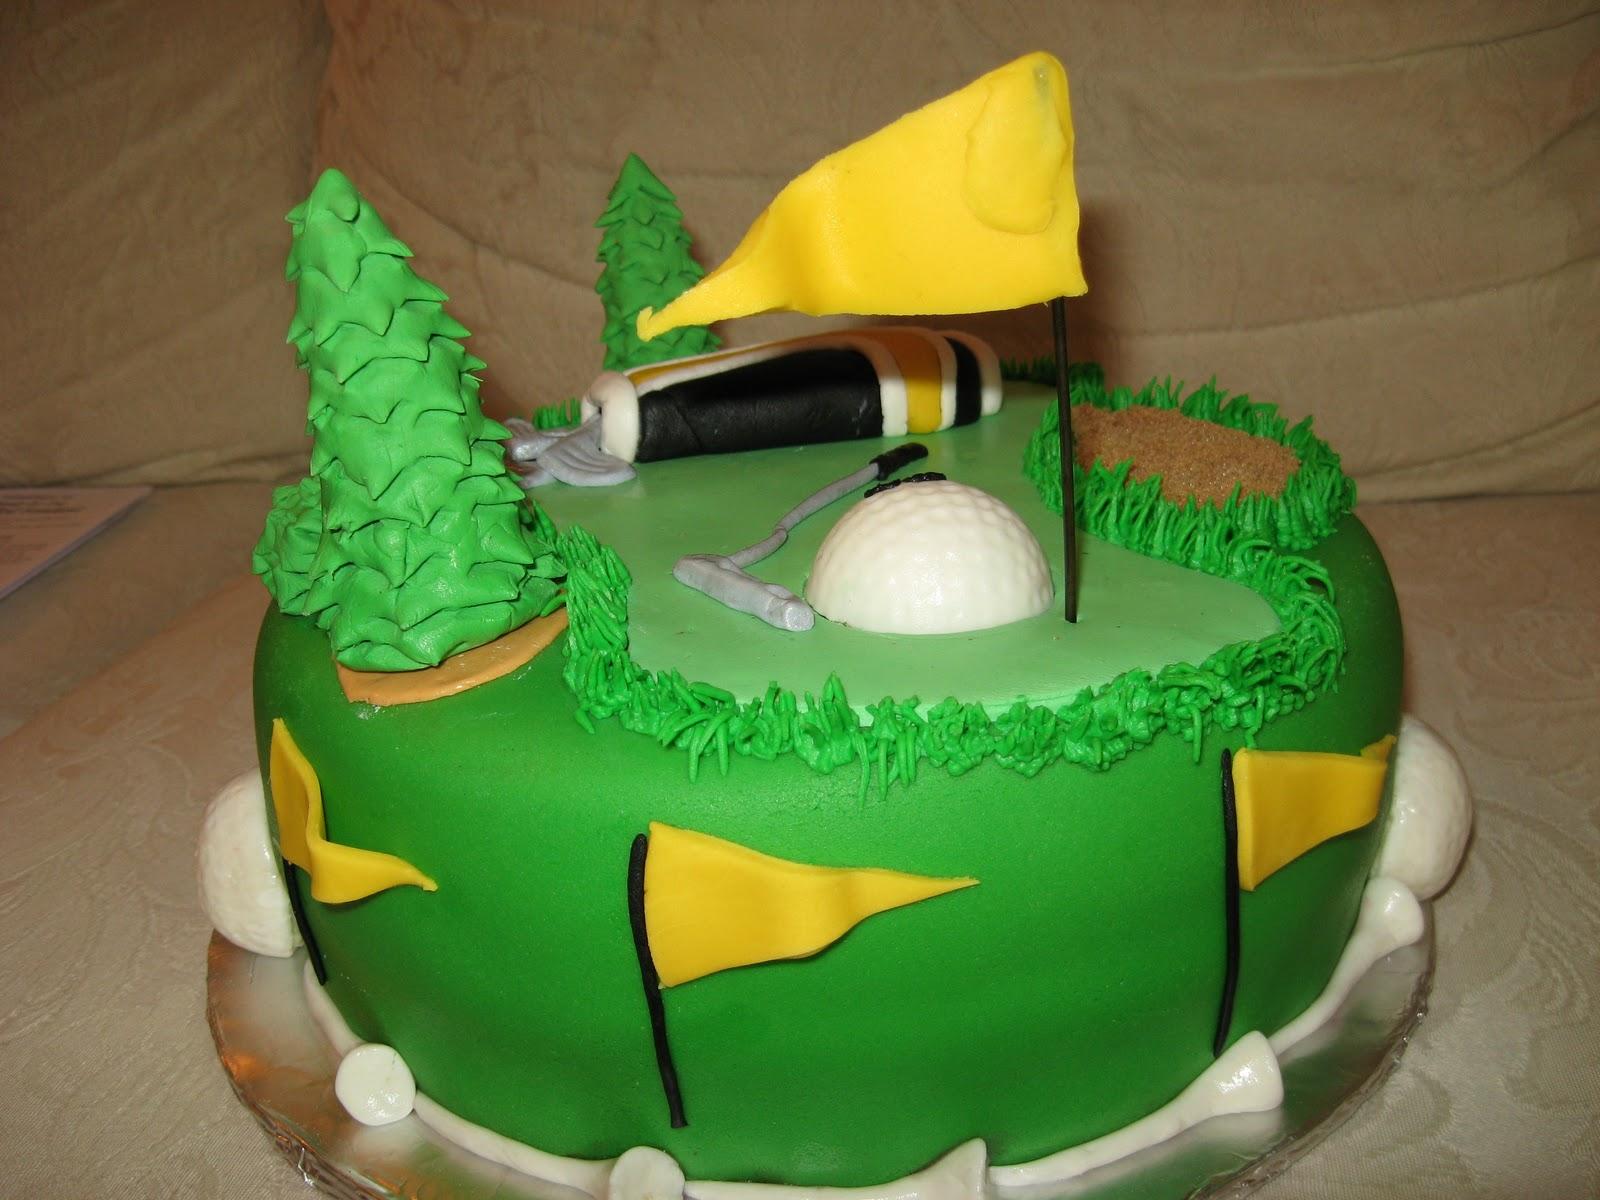 Hulk Head Birthday Cake Image Inspiration of Cake and Birthday